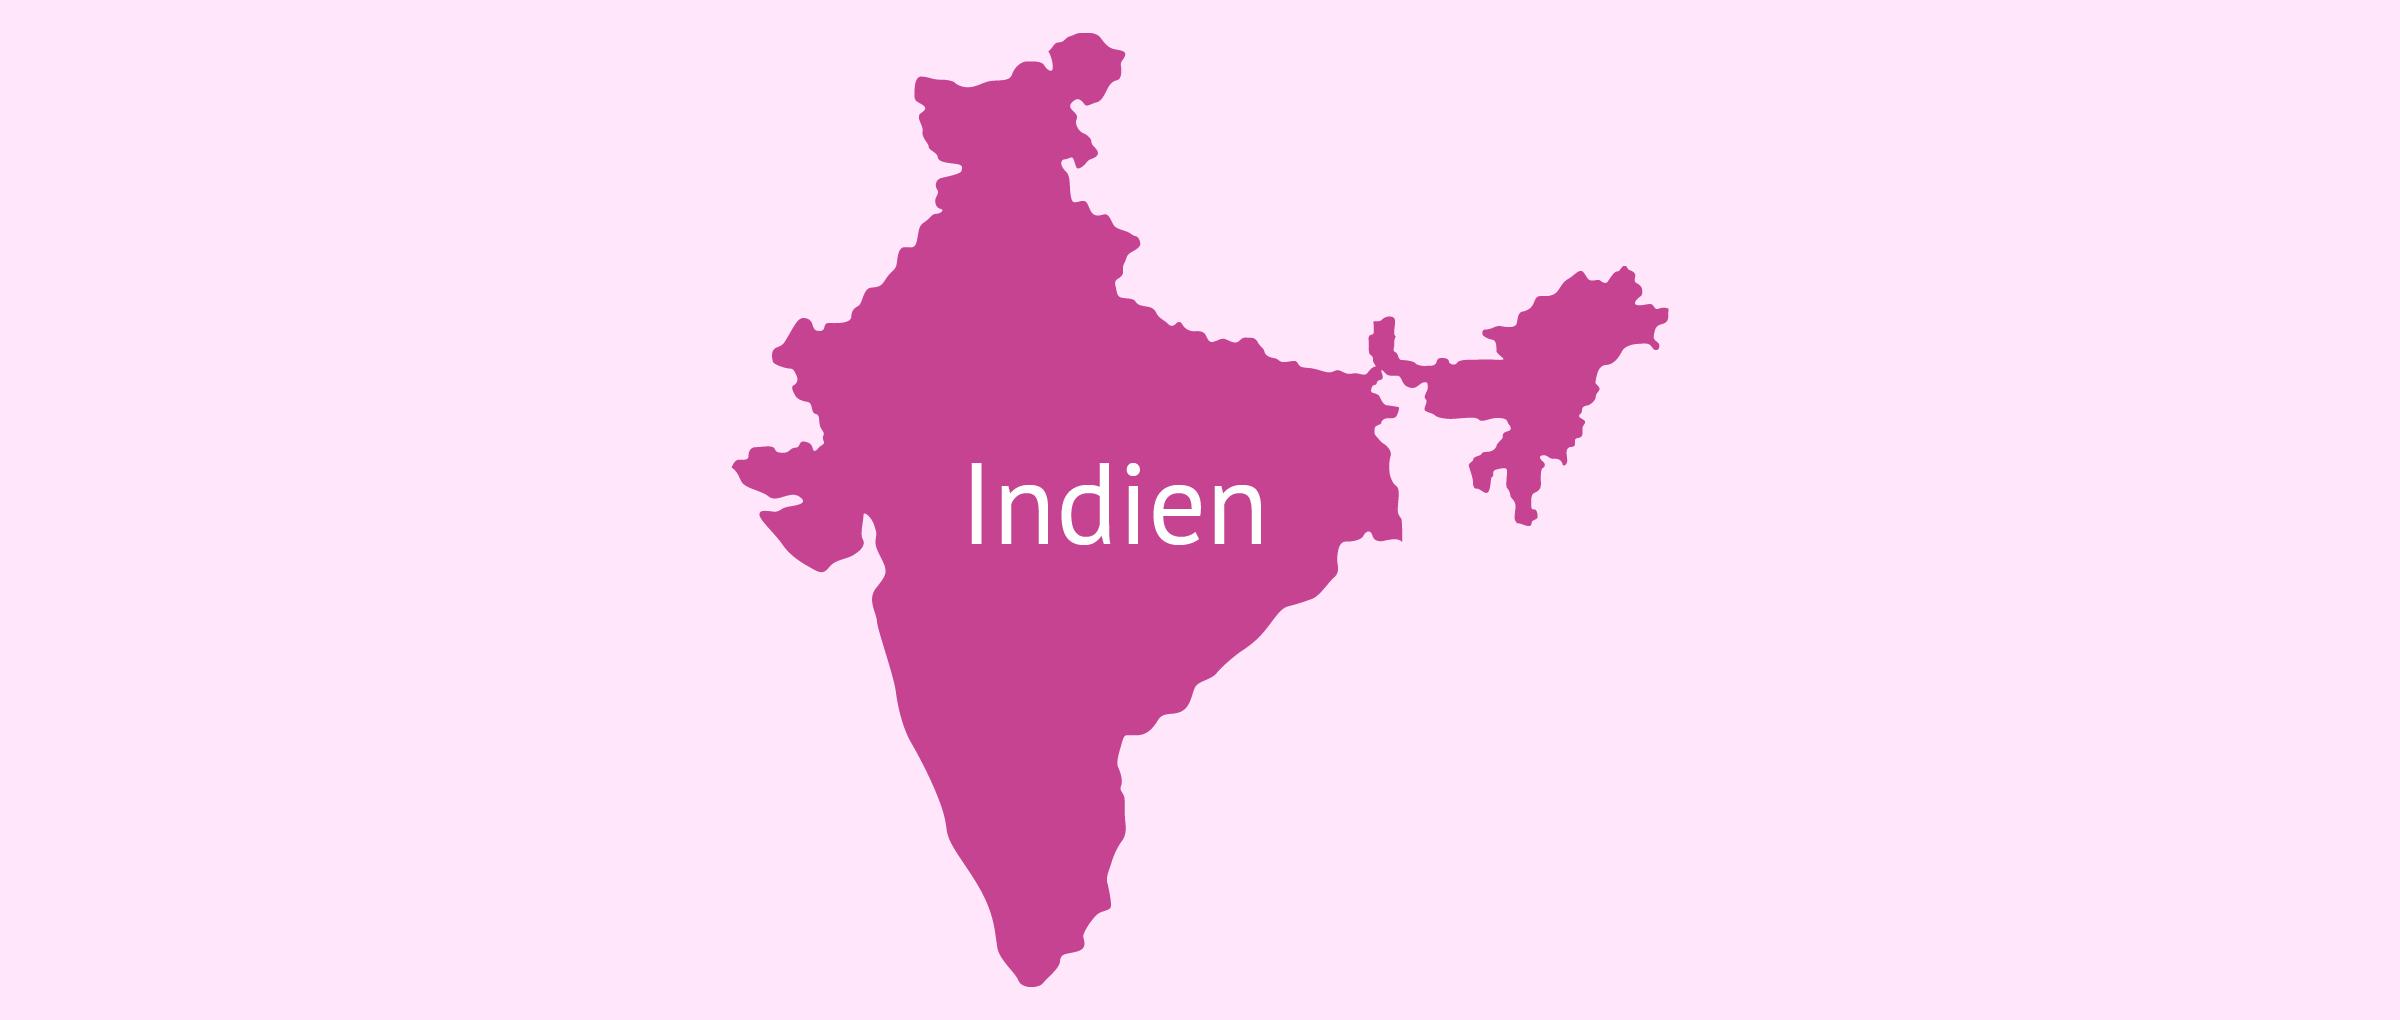 Leihmutterschaft in Indien - Wie ist die neue Rechtslage?